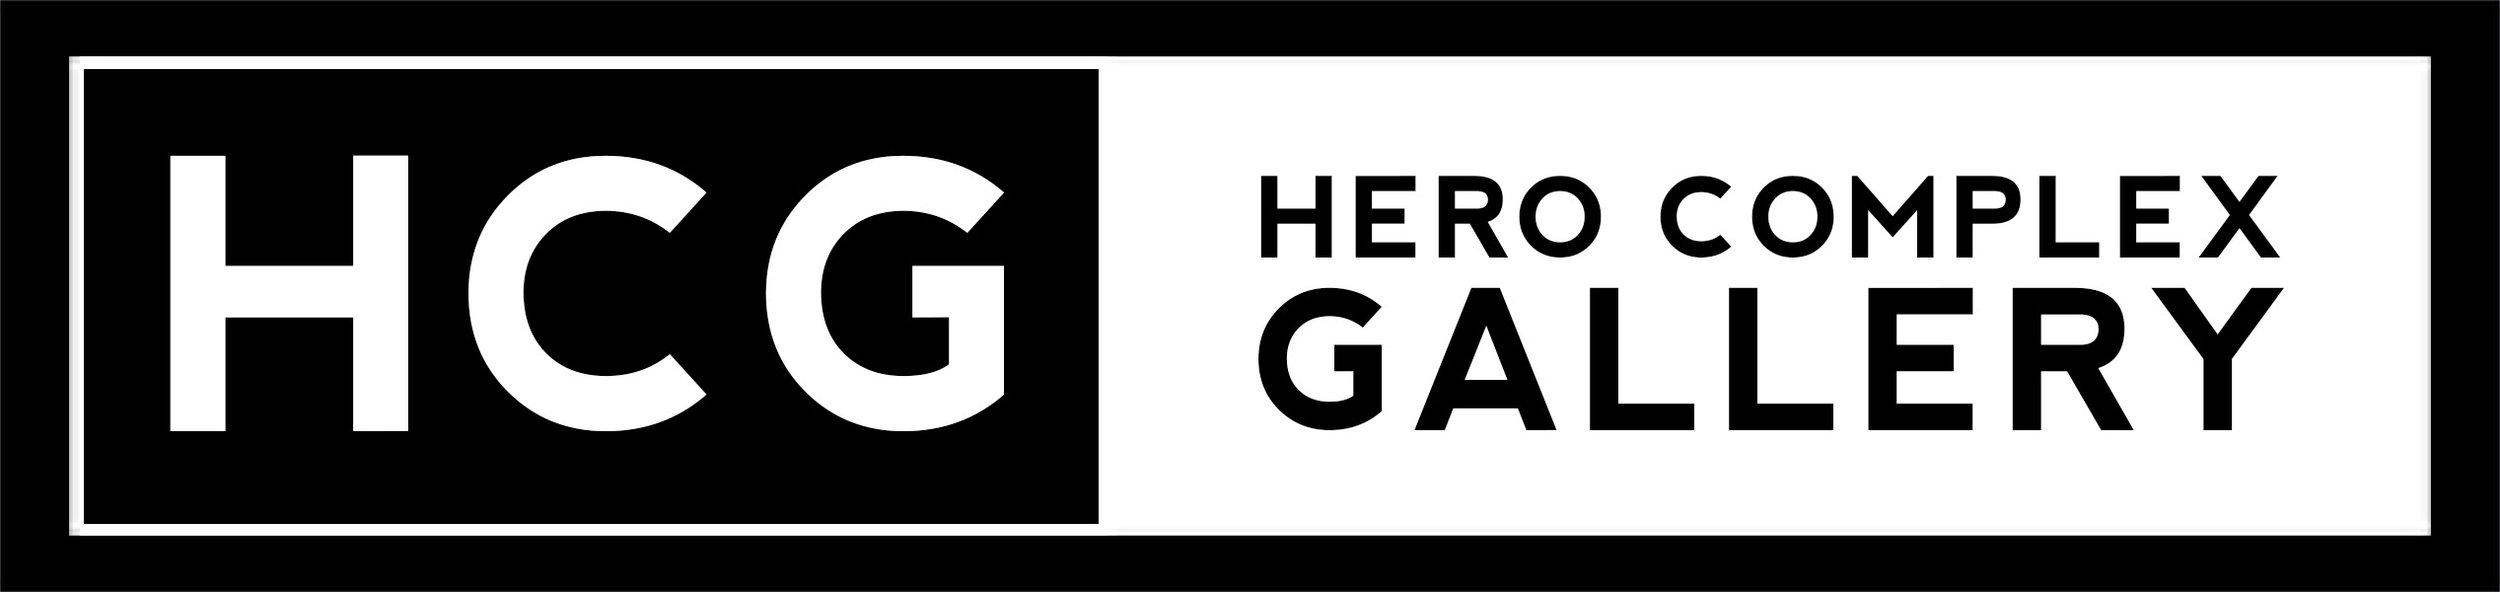 hcg logo.jpg